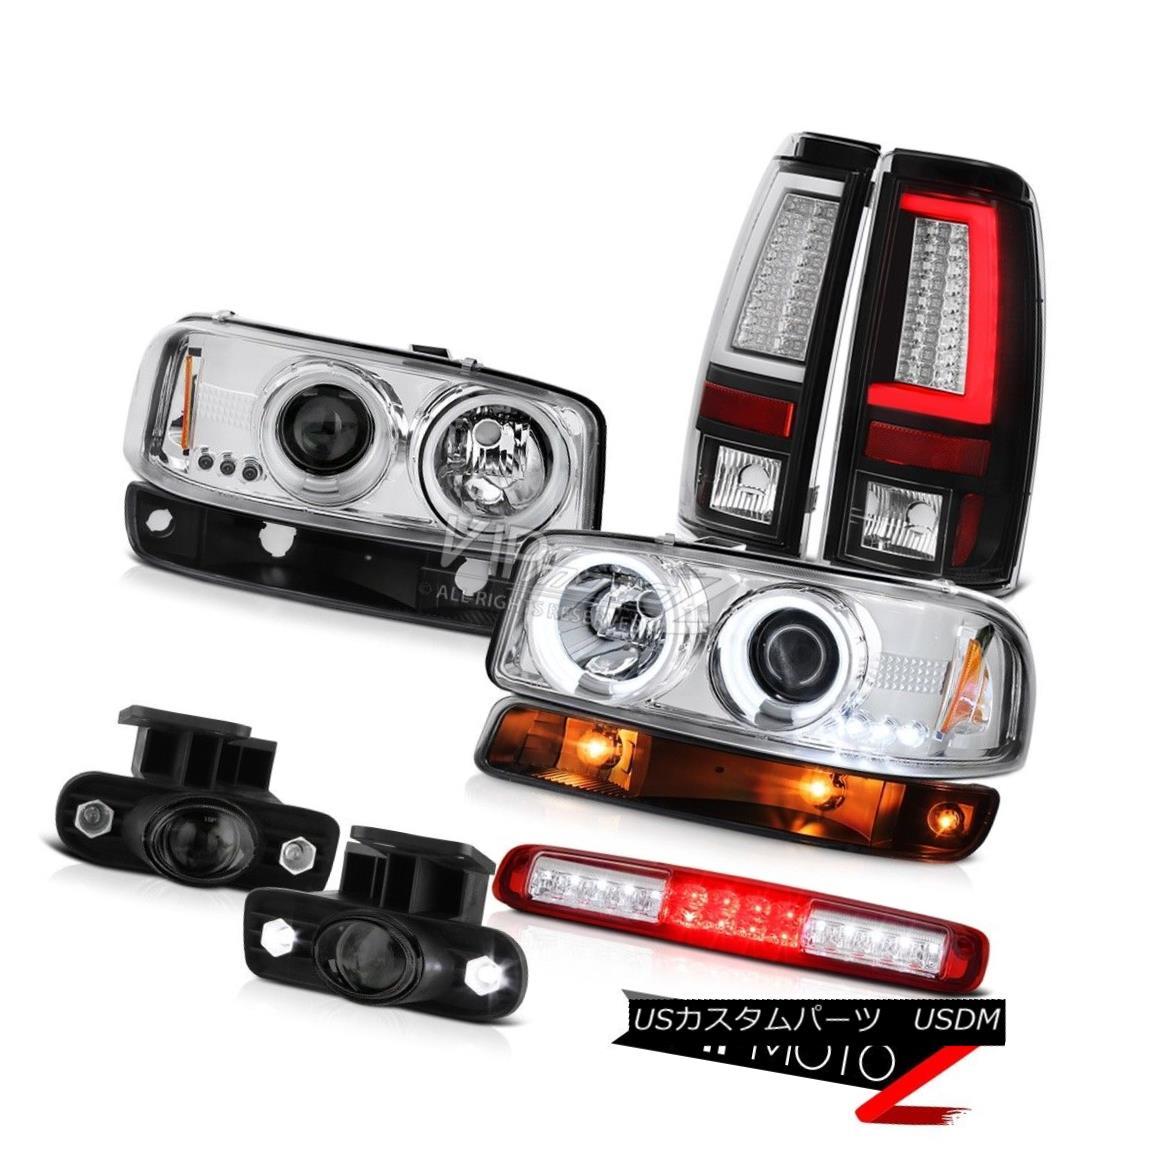 テールライト 1999-2002 Sierra 6.0L Taillamps High Stop Lamp Bumper Foglamps CCFL Headlights 1999-2002 Sierra 6.0L TaillampsハイストップランプバンパーフォグランプCCFLヘッドライト